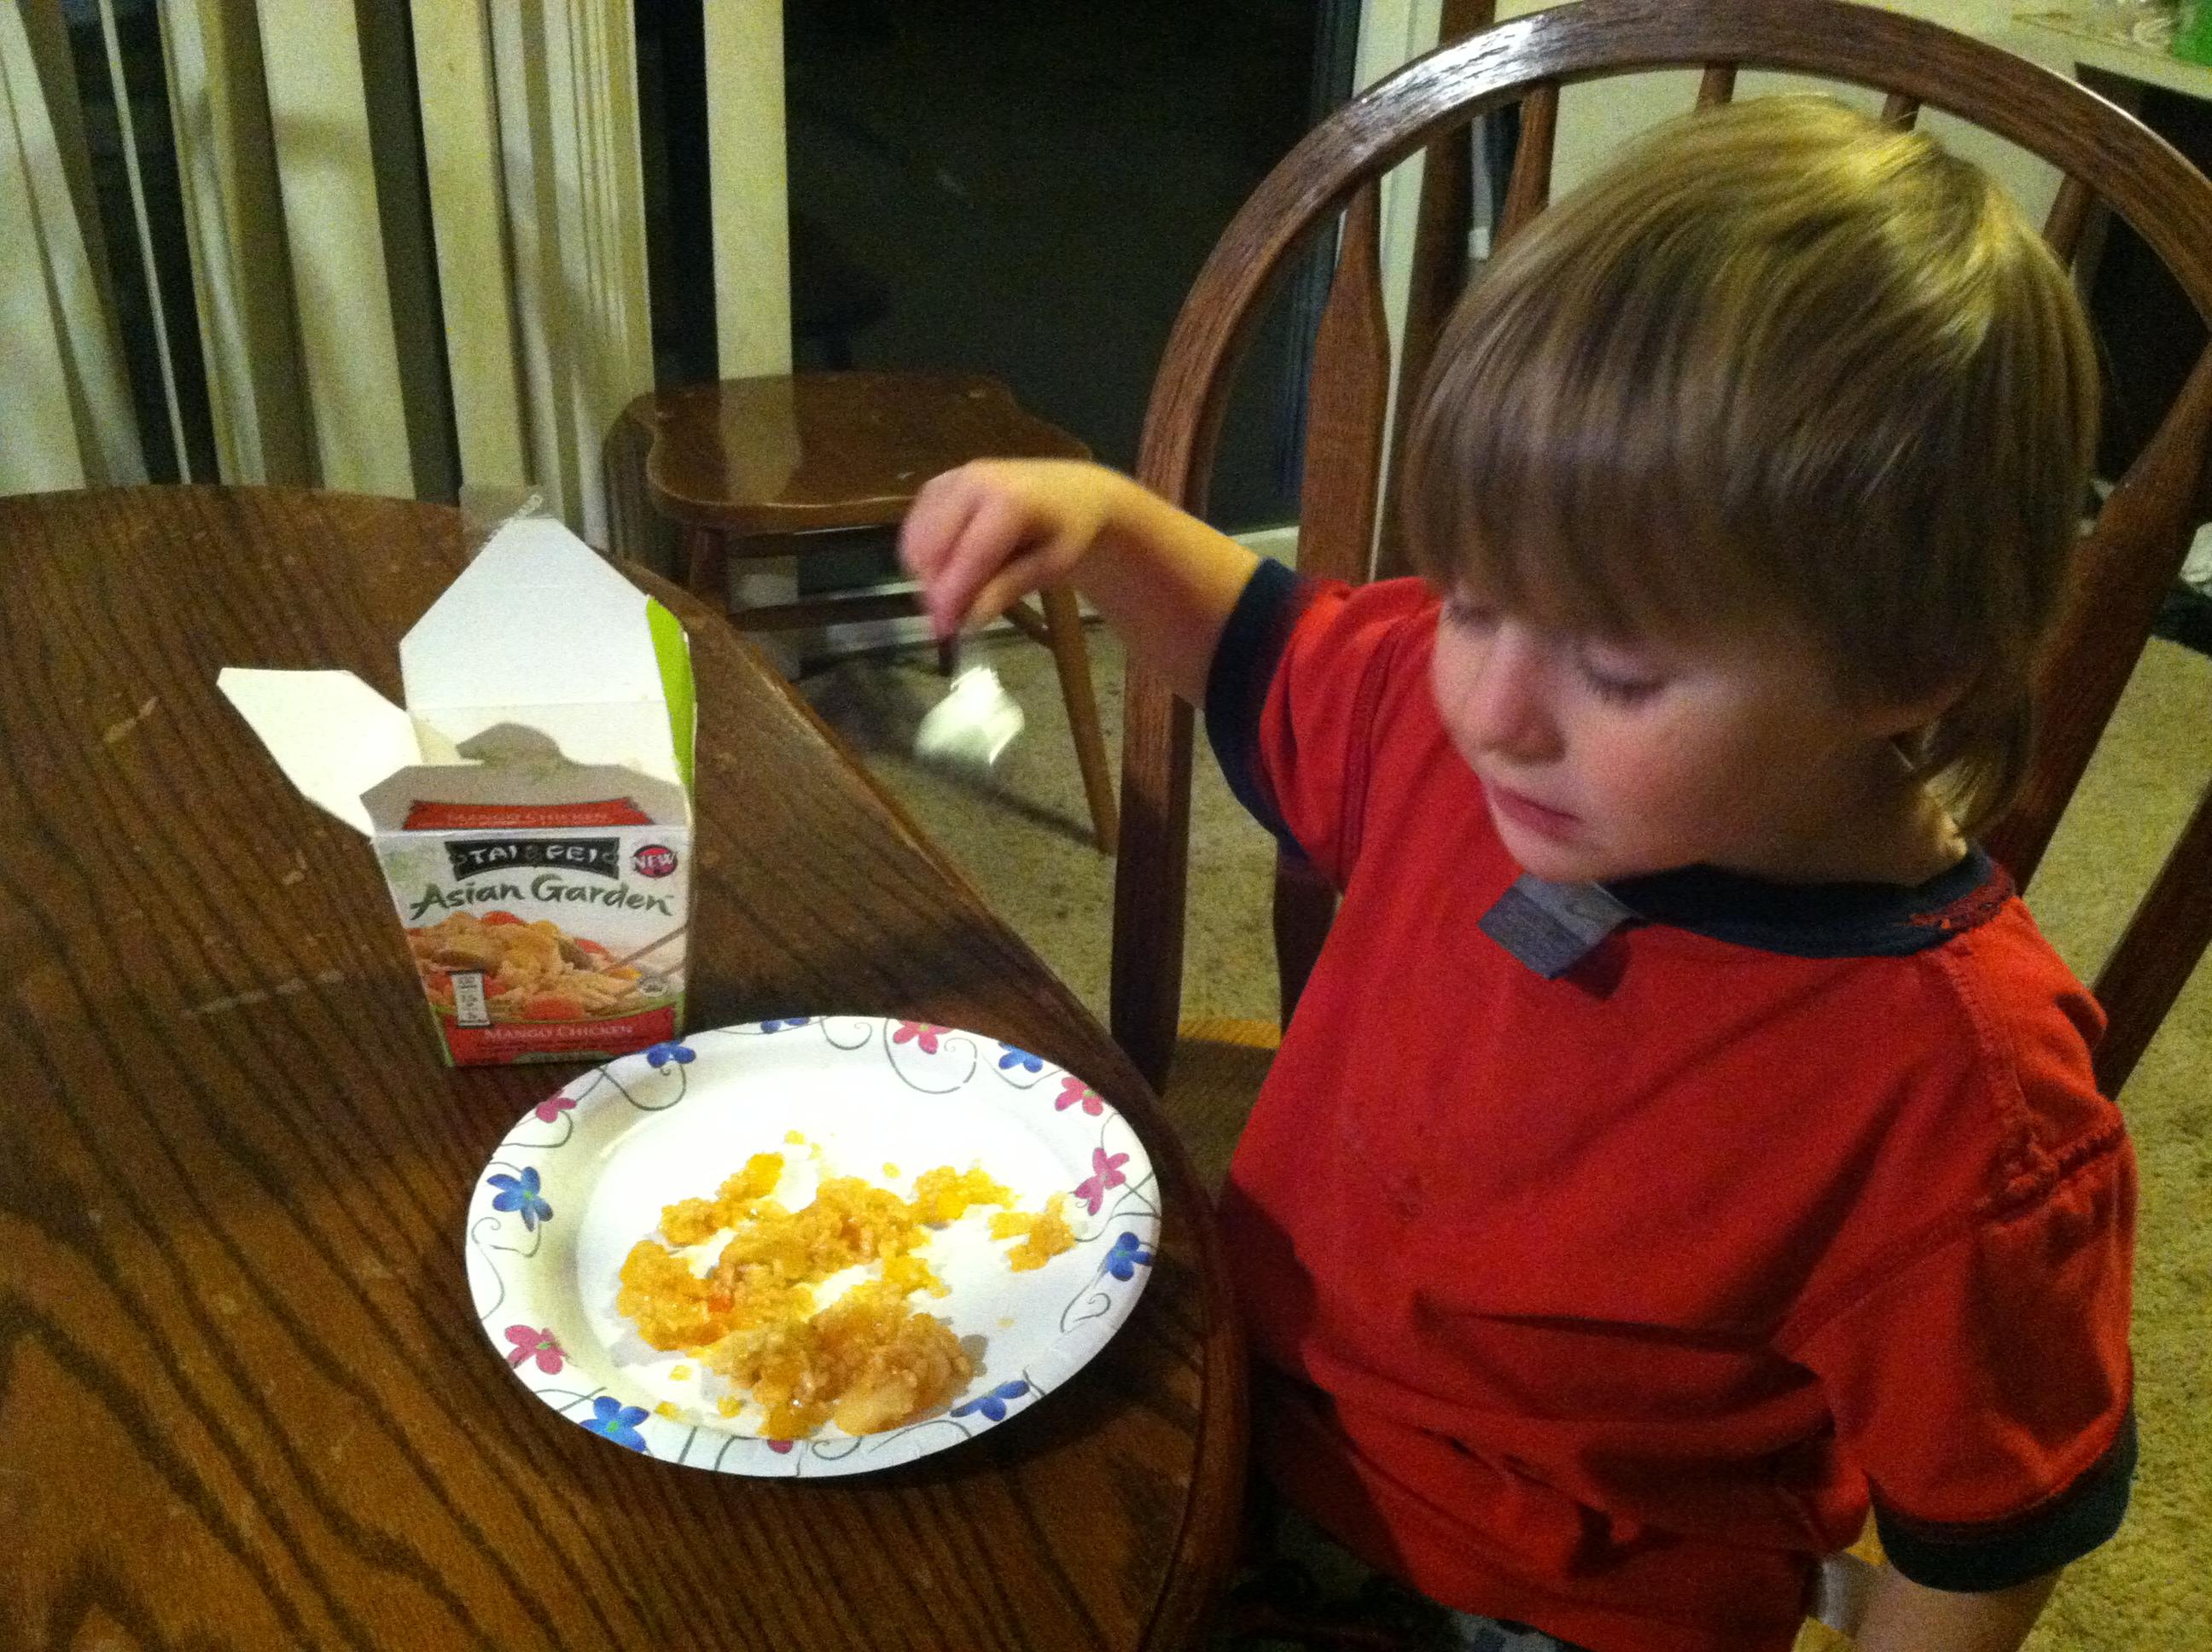 Jr eating Tai Pei Mango Chicken